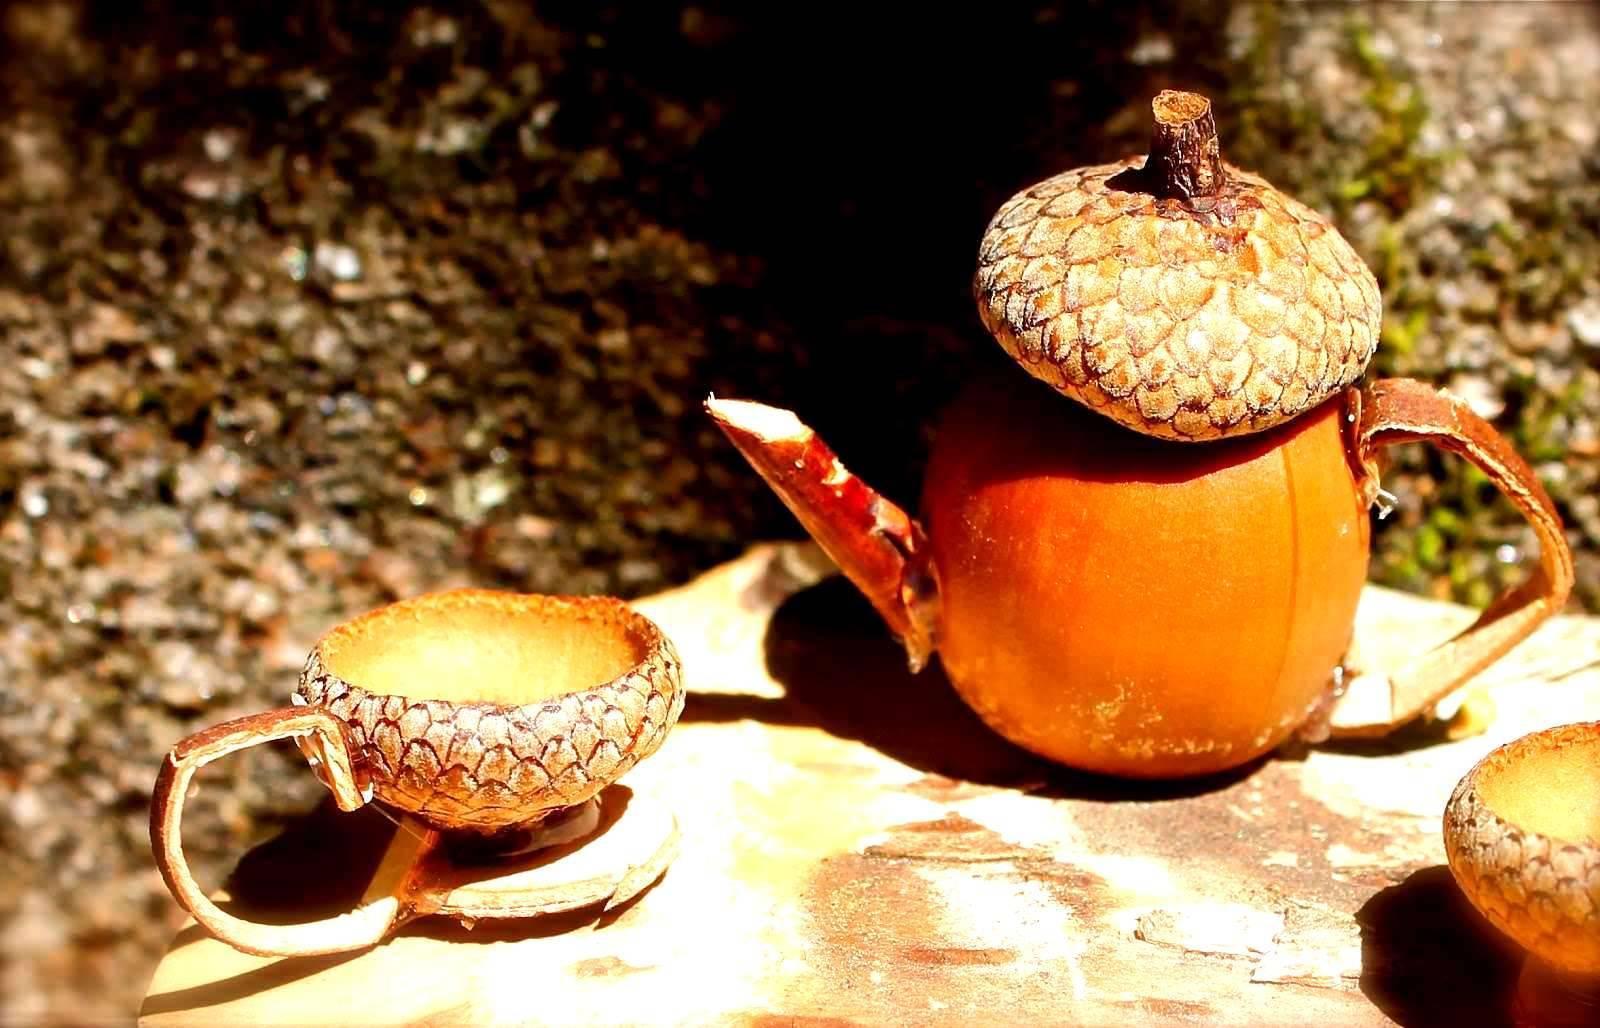 Можно ли приготовить кофе из желудей, польза и вред напитка, рецепты. польза и вред кофе из желудей, рецепт приготовления